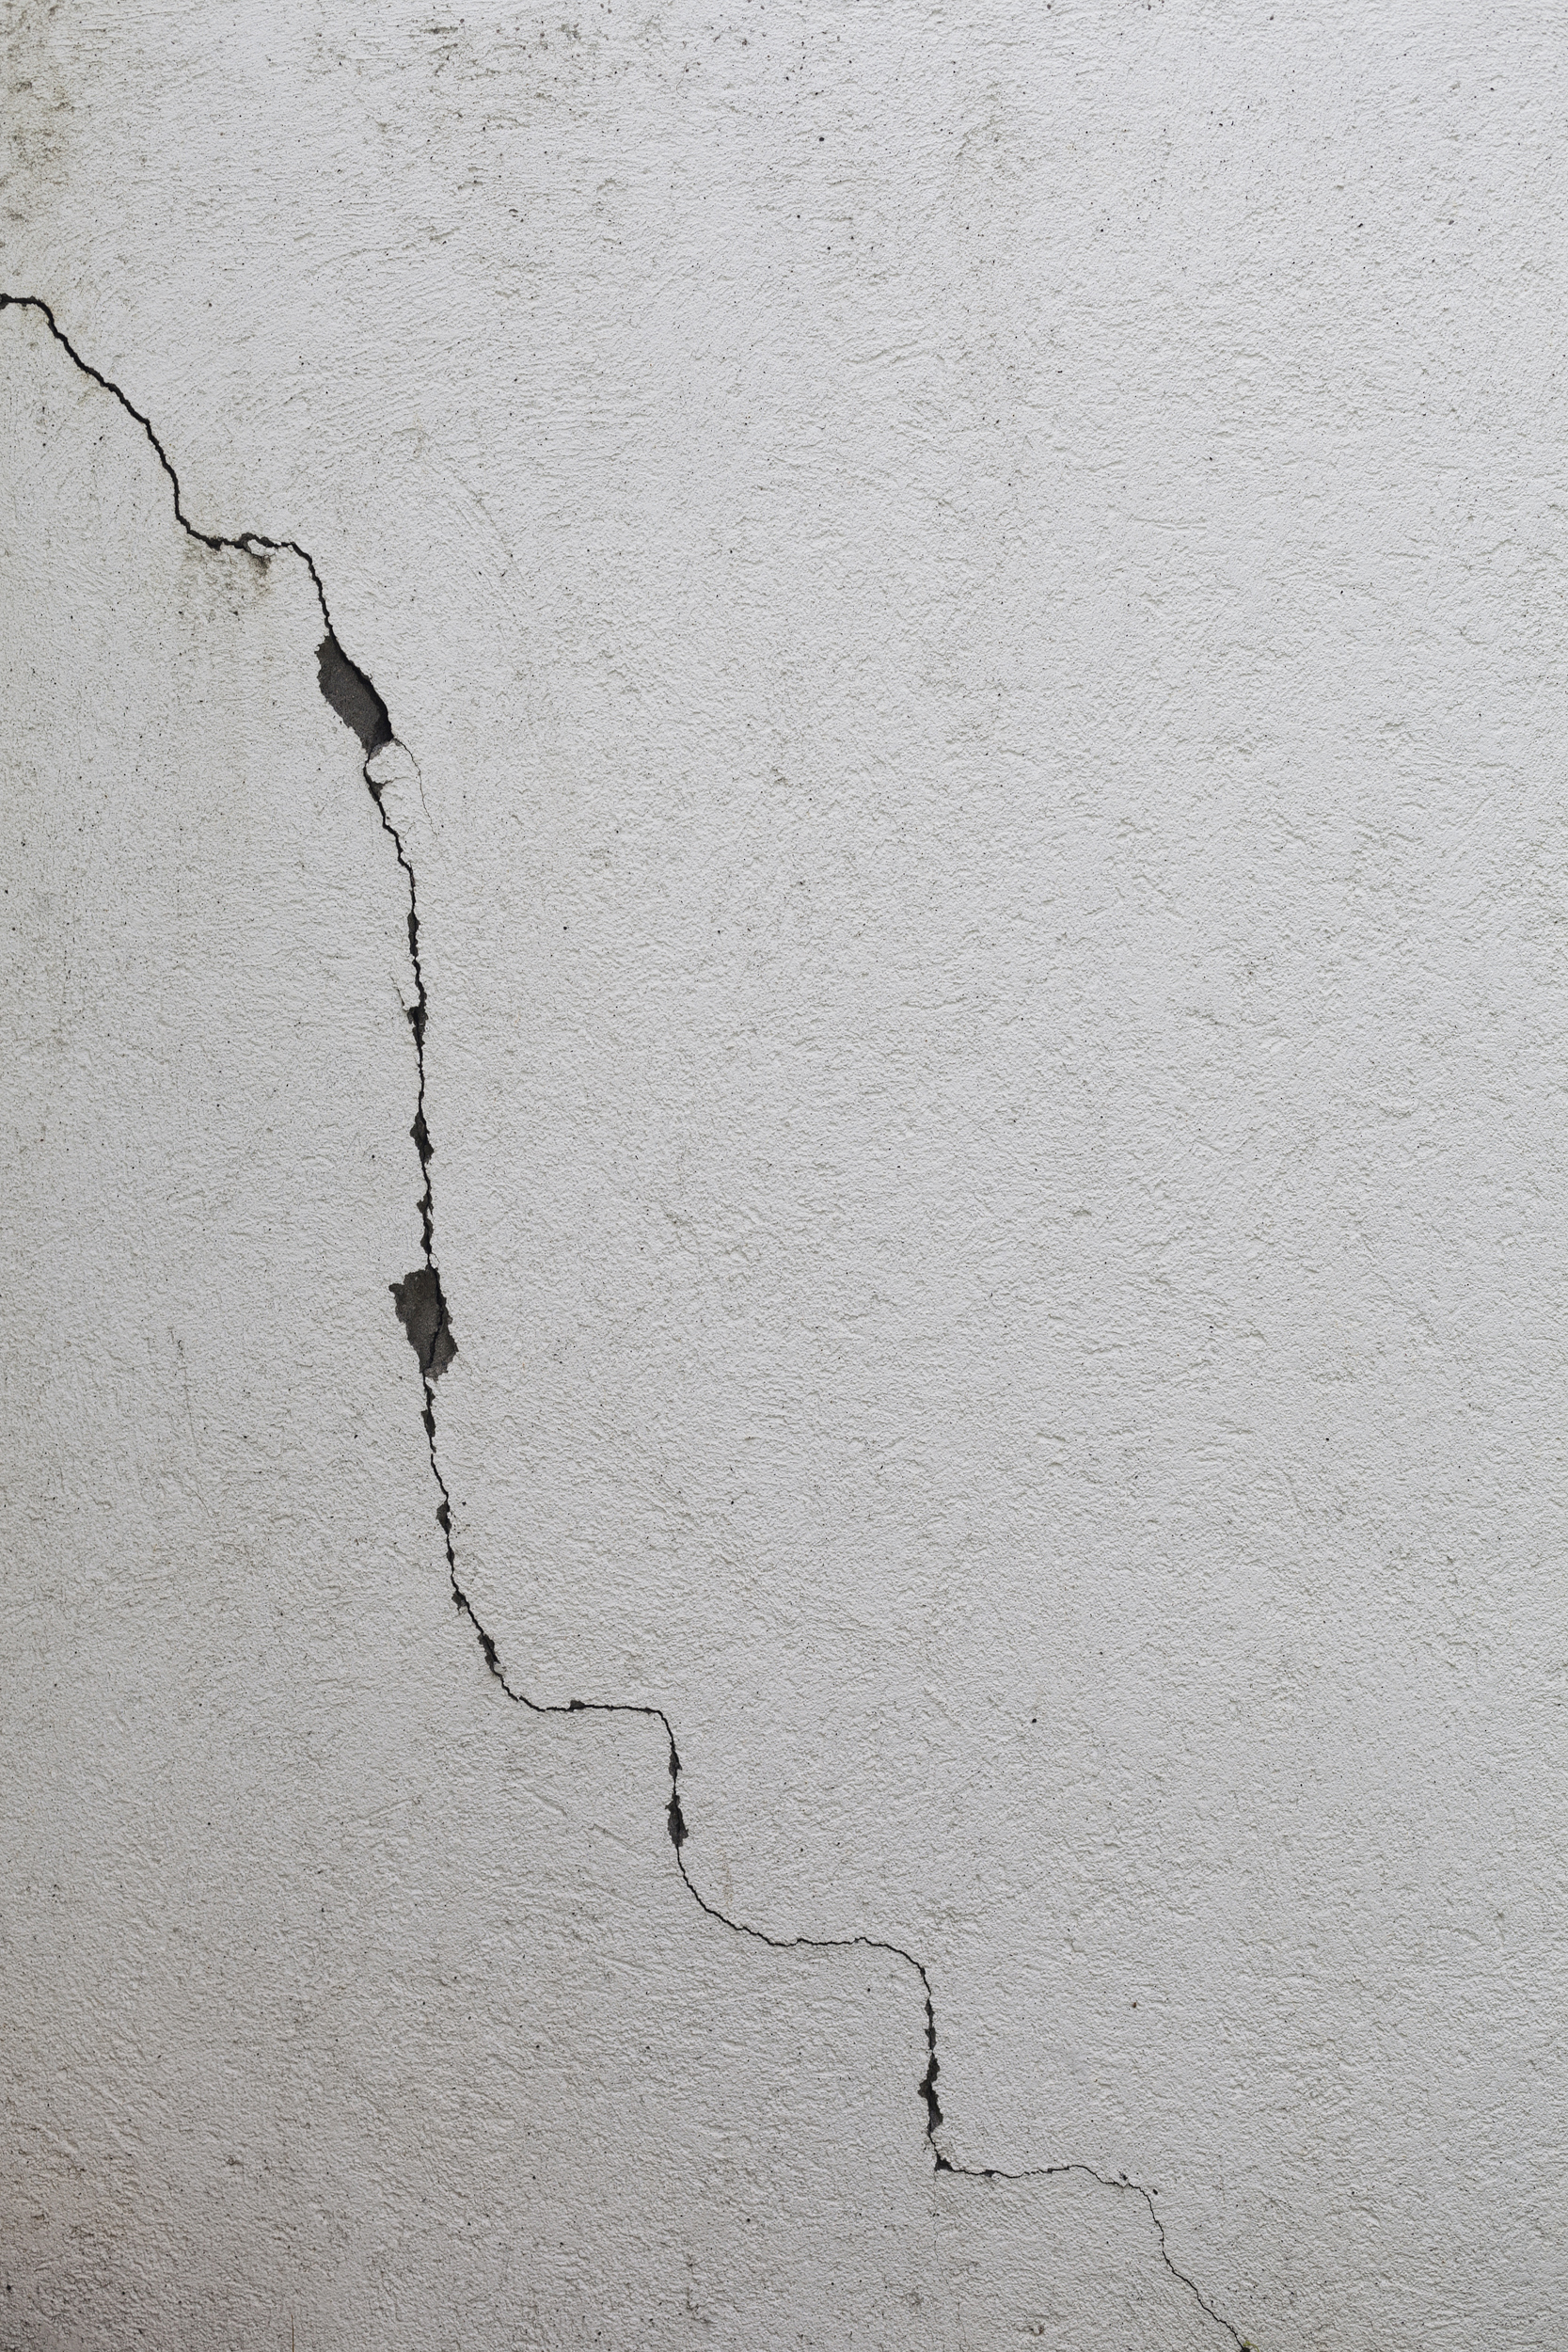 fracture-17.jpg